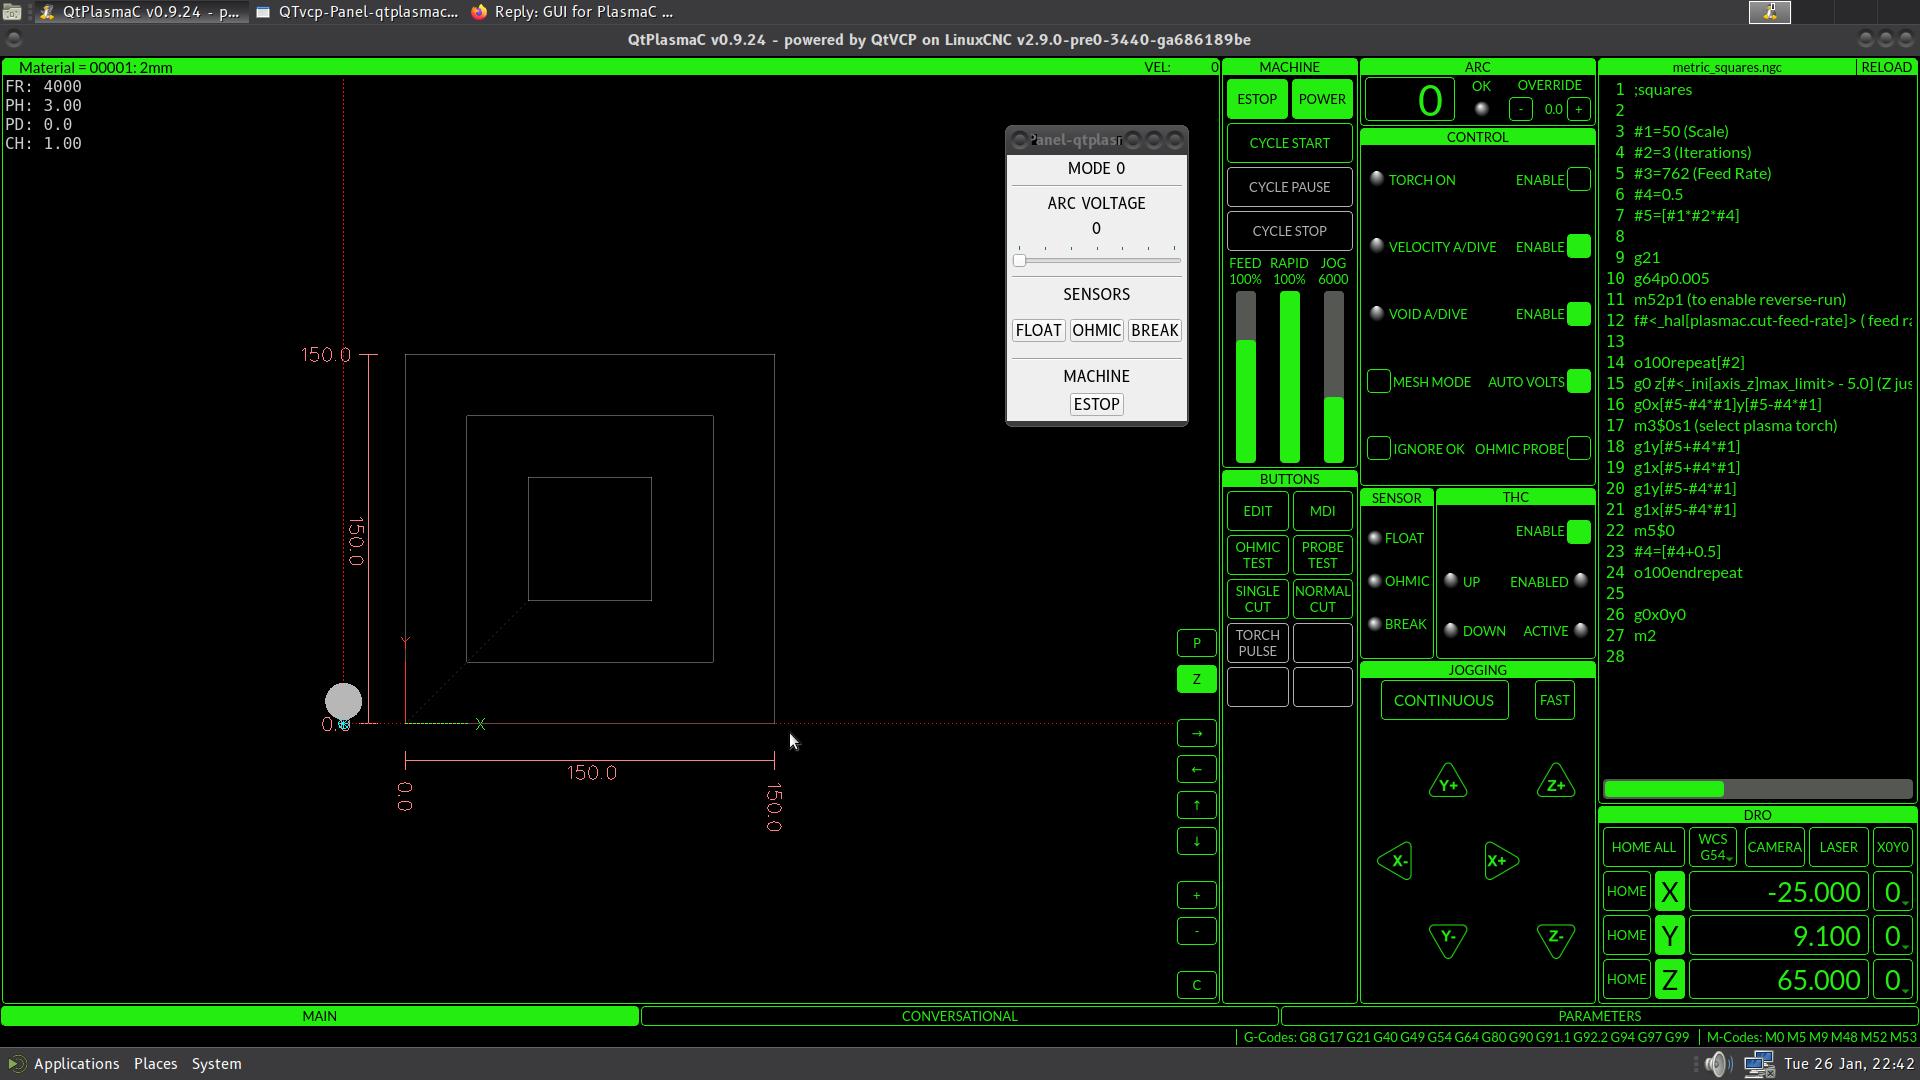 Screenshotat2021-01-2622-42-14.png